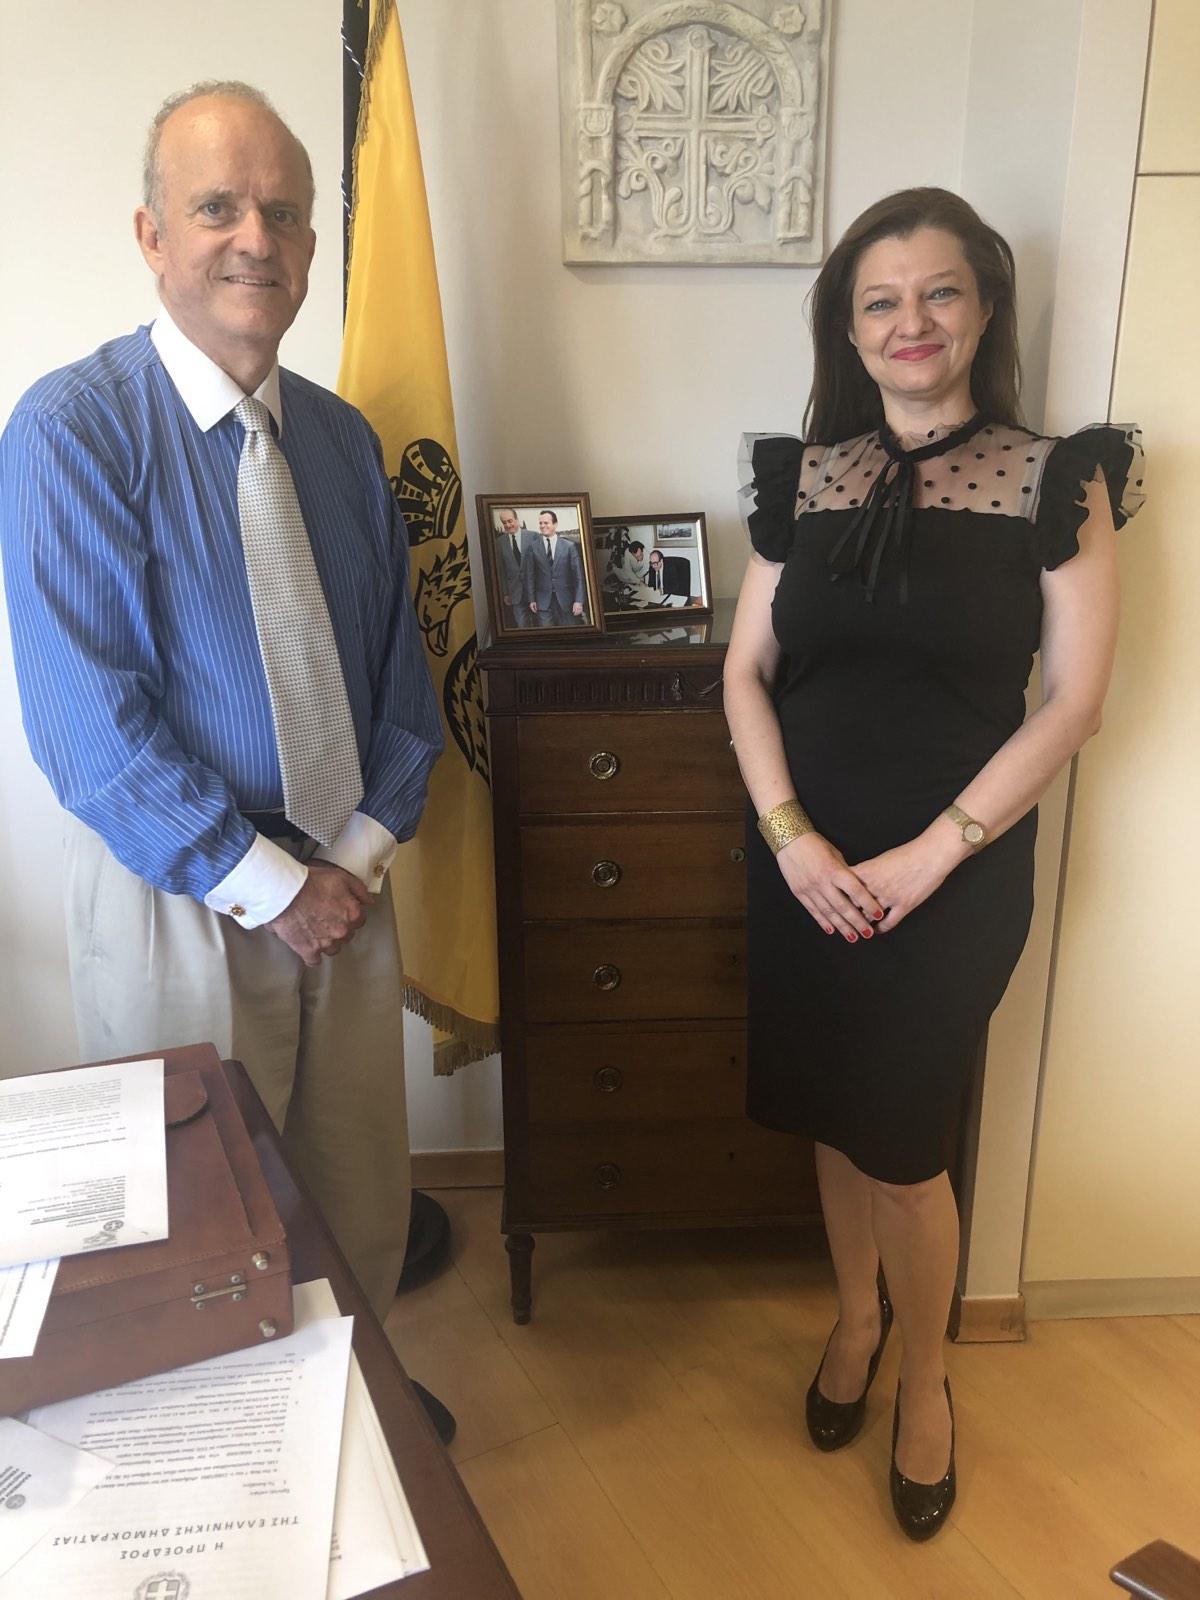 Μπαράζ συναντήσεων Αυγερινοπούλου για τη δρομολόγηση αναπτυξιακών έργων στην Ηλεία με δημόσιους και ιδιωτικούς φορείς